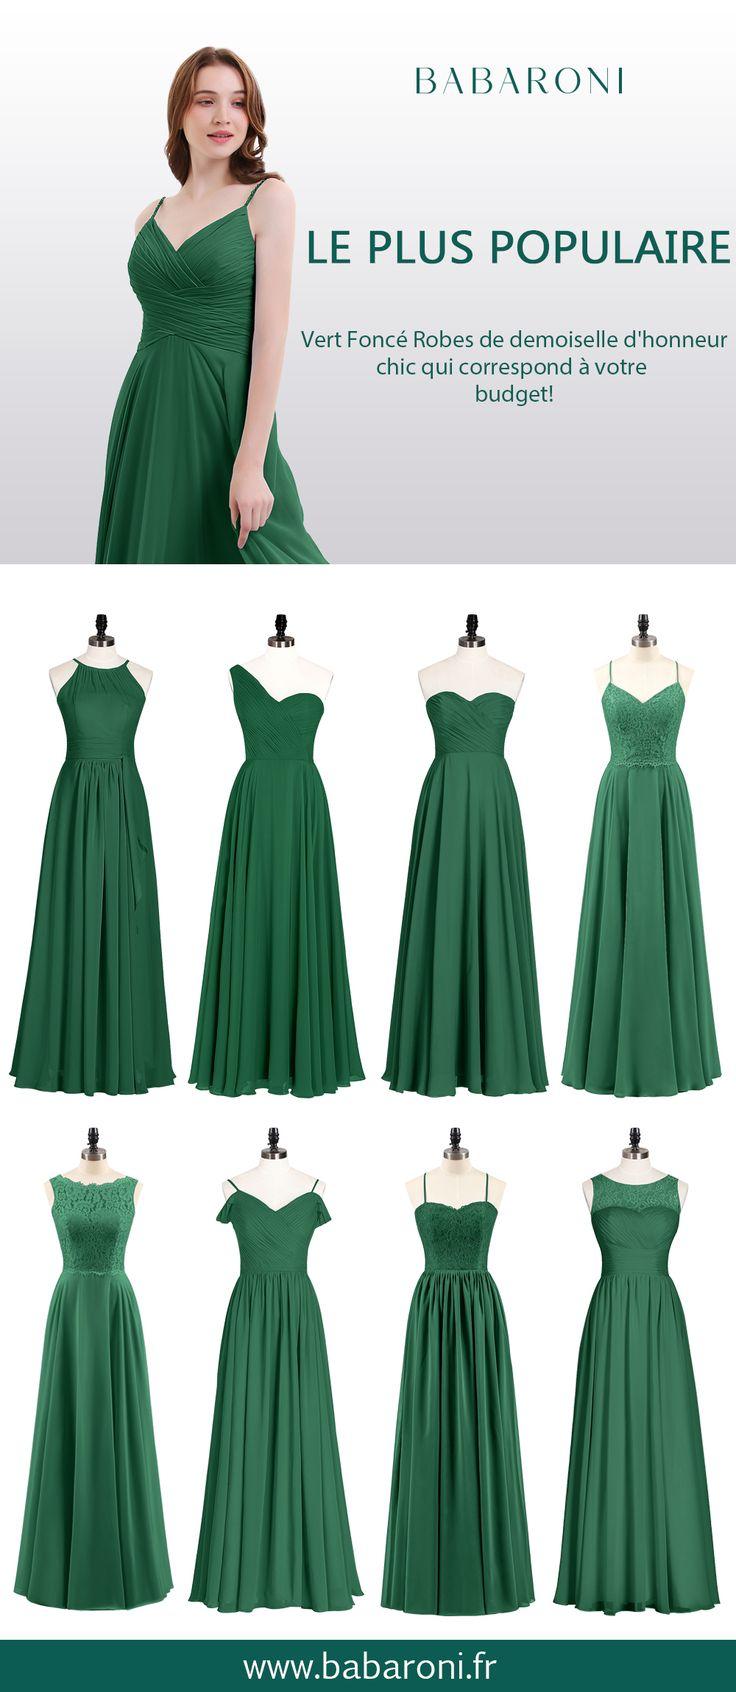 Robes de demoiselle d'honneur mousseline longue dentelle bustier vert foncé